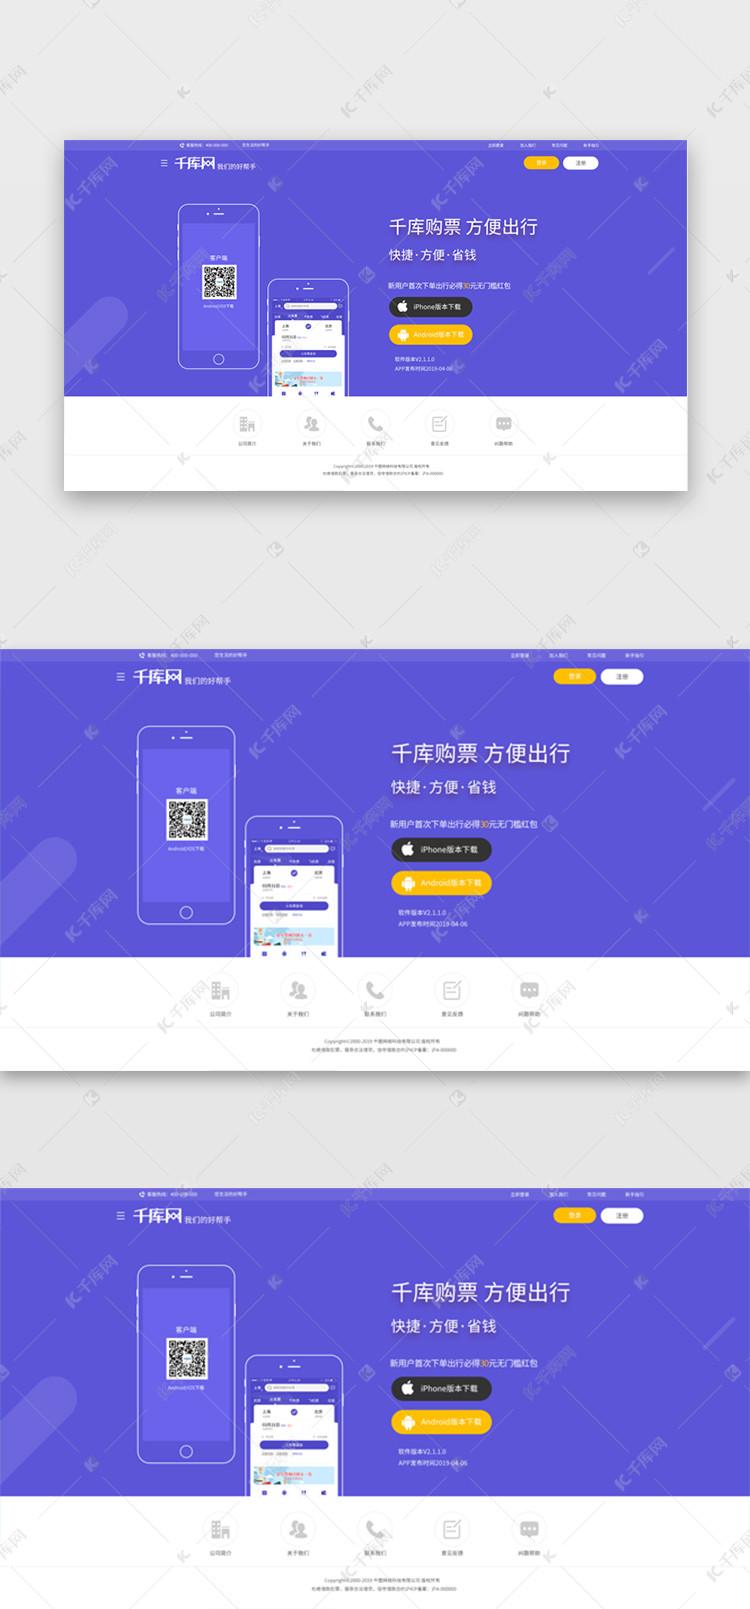 蓝色系页面软件下载网站ui设计素材房地产标志设计图片